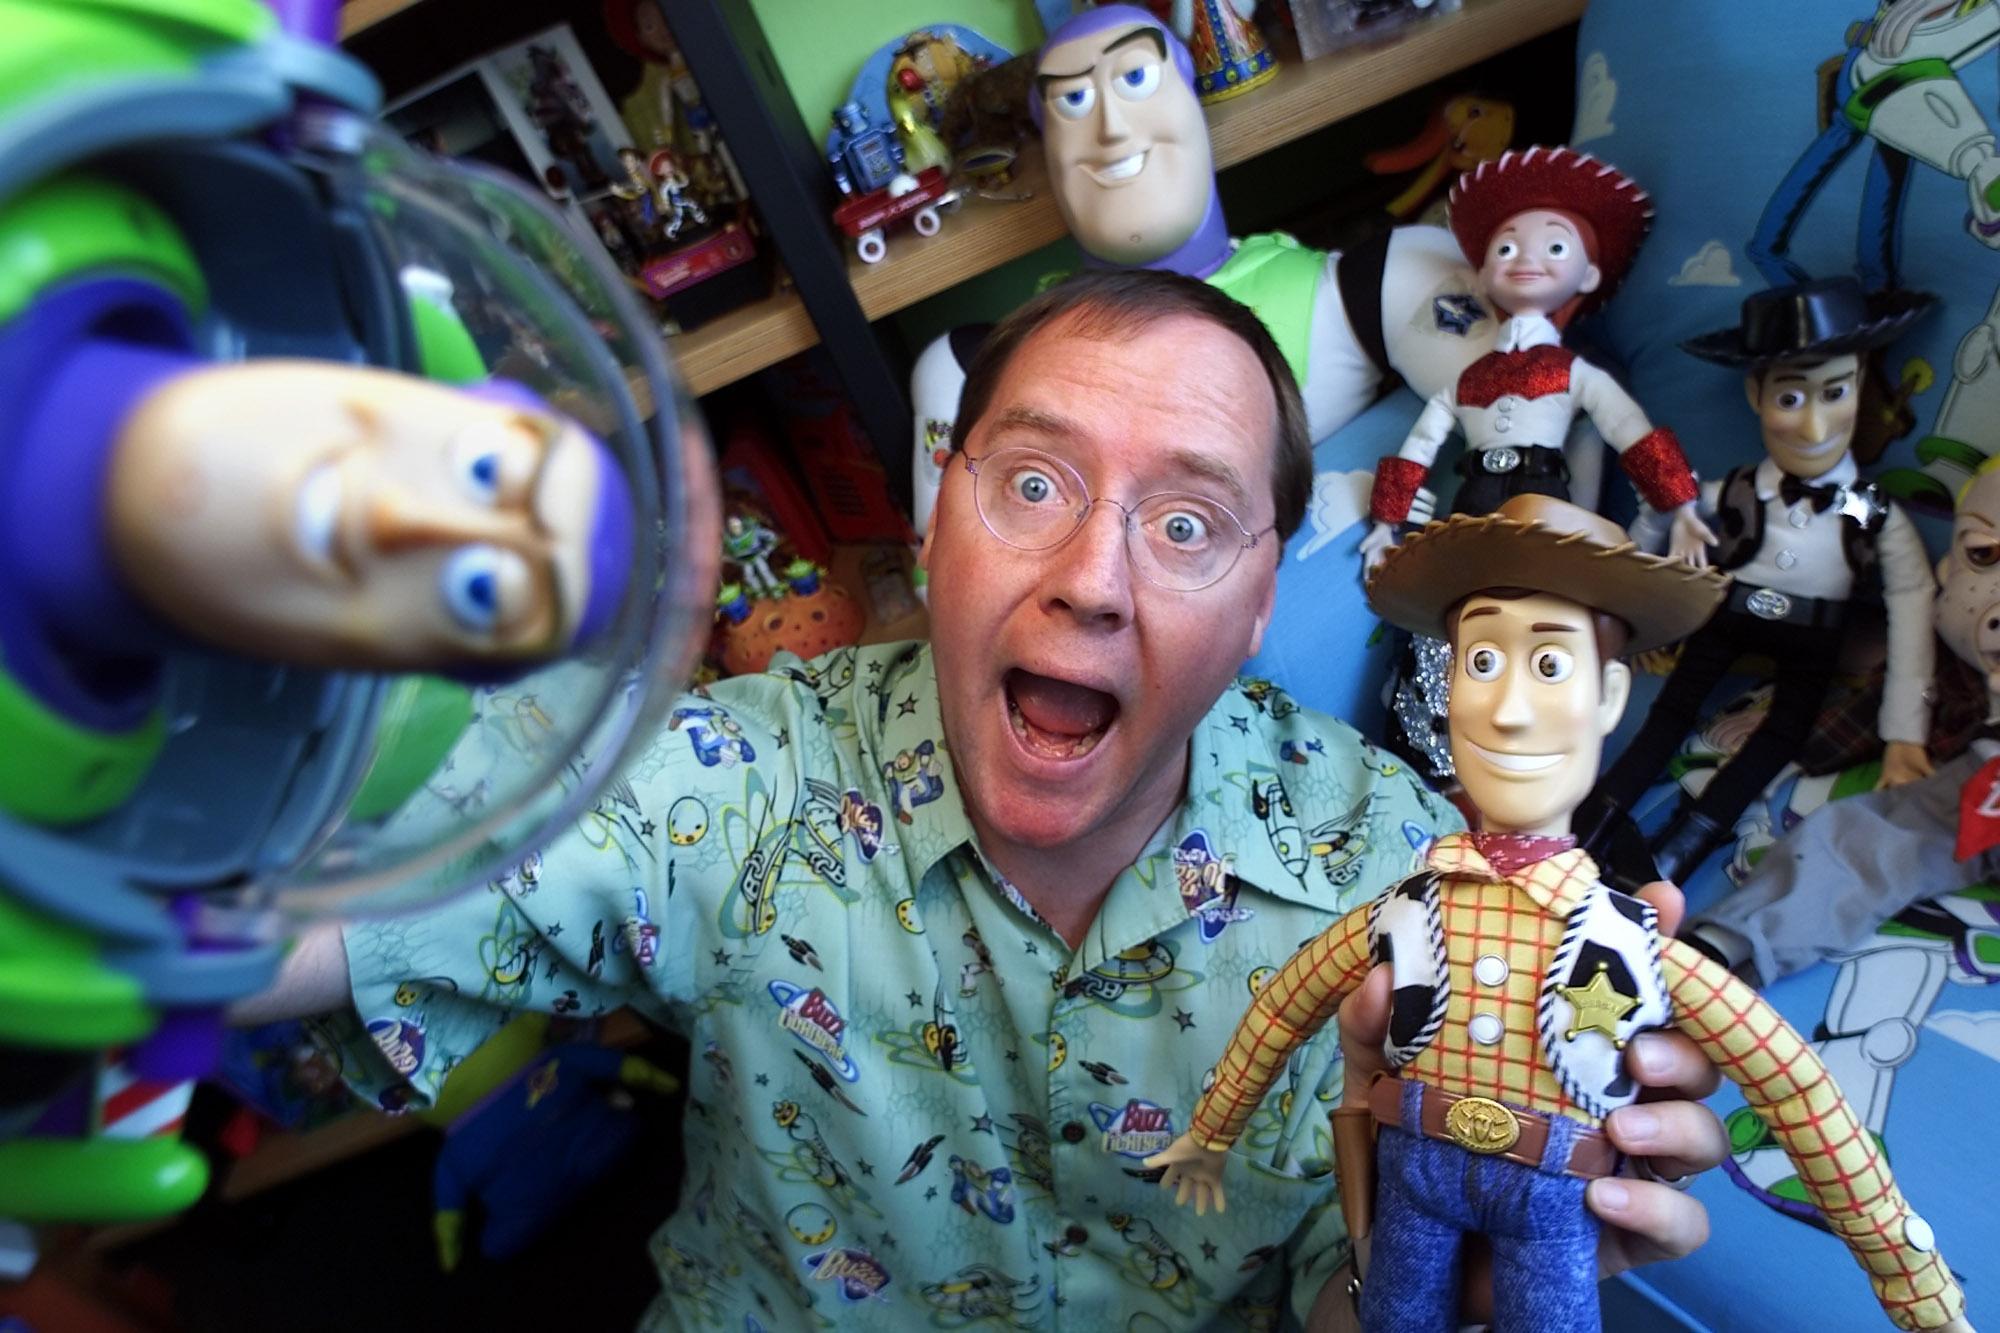 John Lasseter - Pixar co-founder